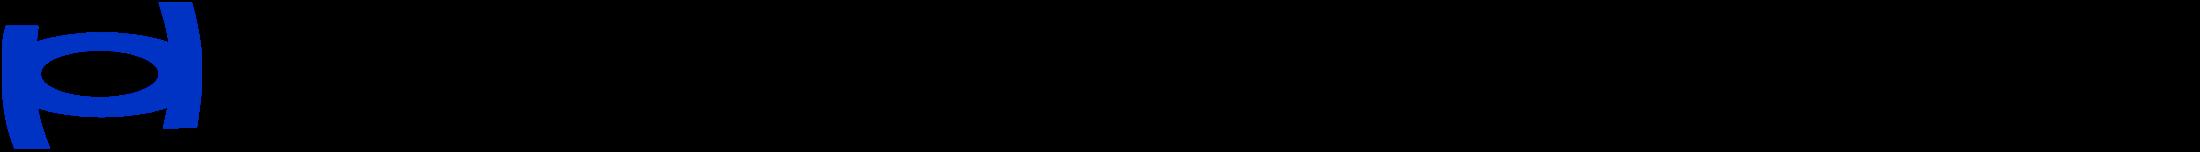 ホープ建設コンサルタント